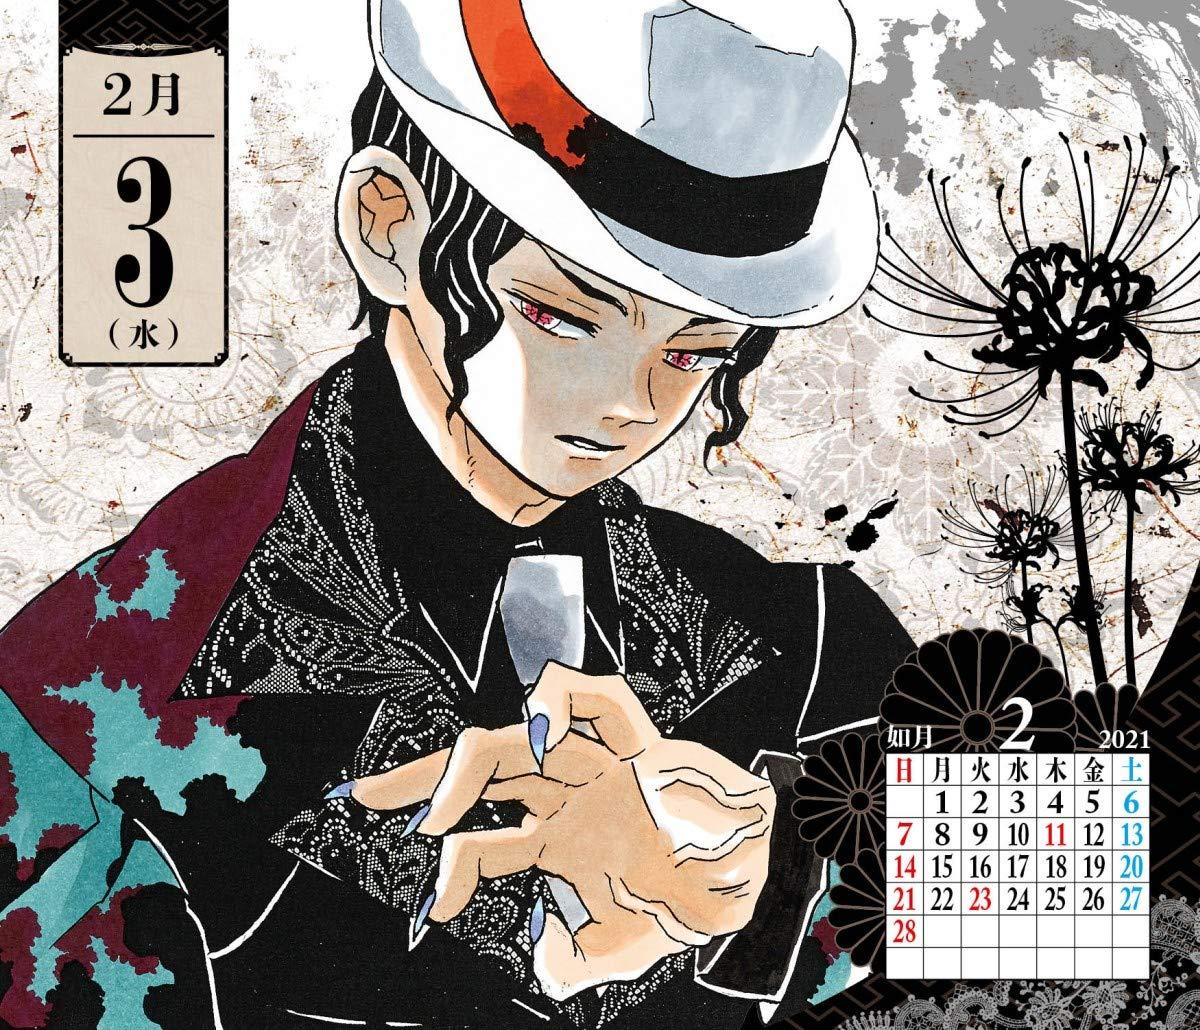 鬼滅の刃『コミックカレンダー2021 特製缶入り 日めくりカレンダー』グッズ-002